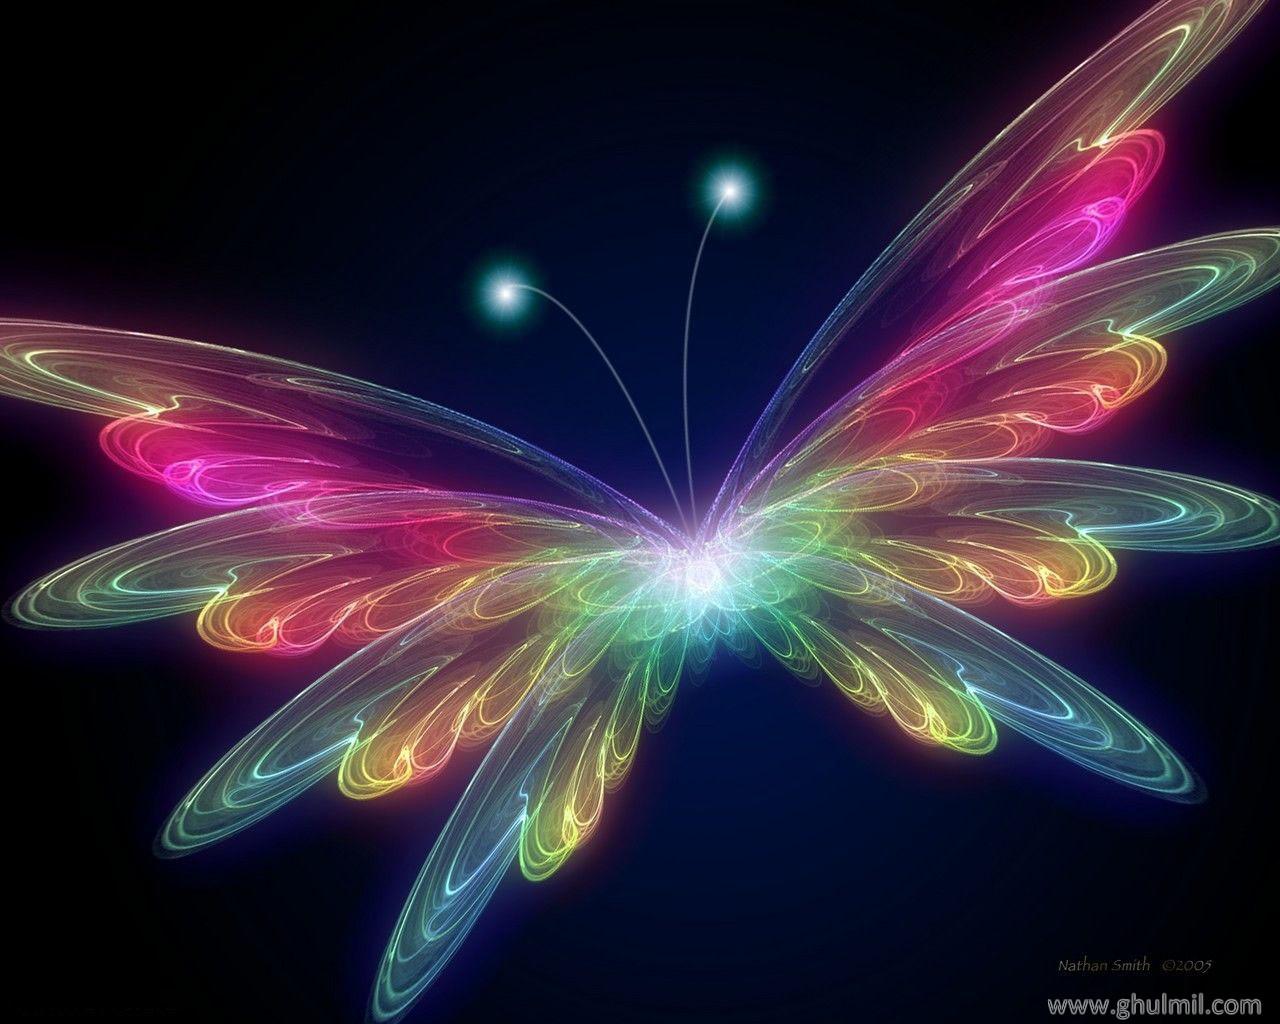 Butterflies images 3D Butterfly wallpaper wallpaper photos 31063788 1280x1024